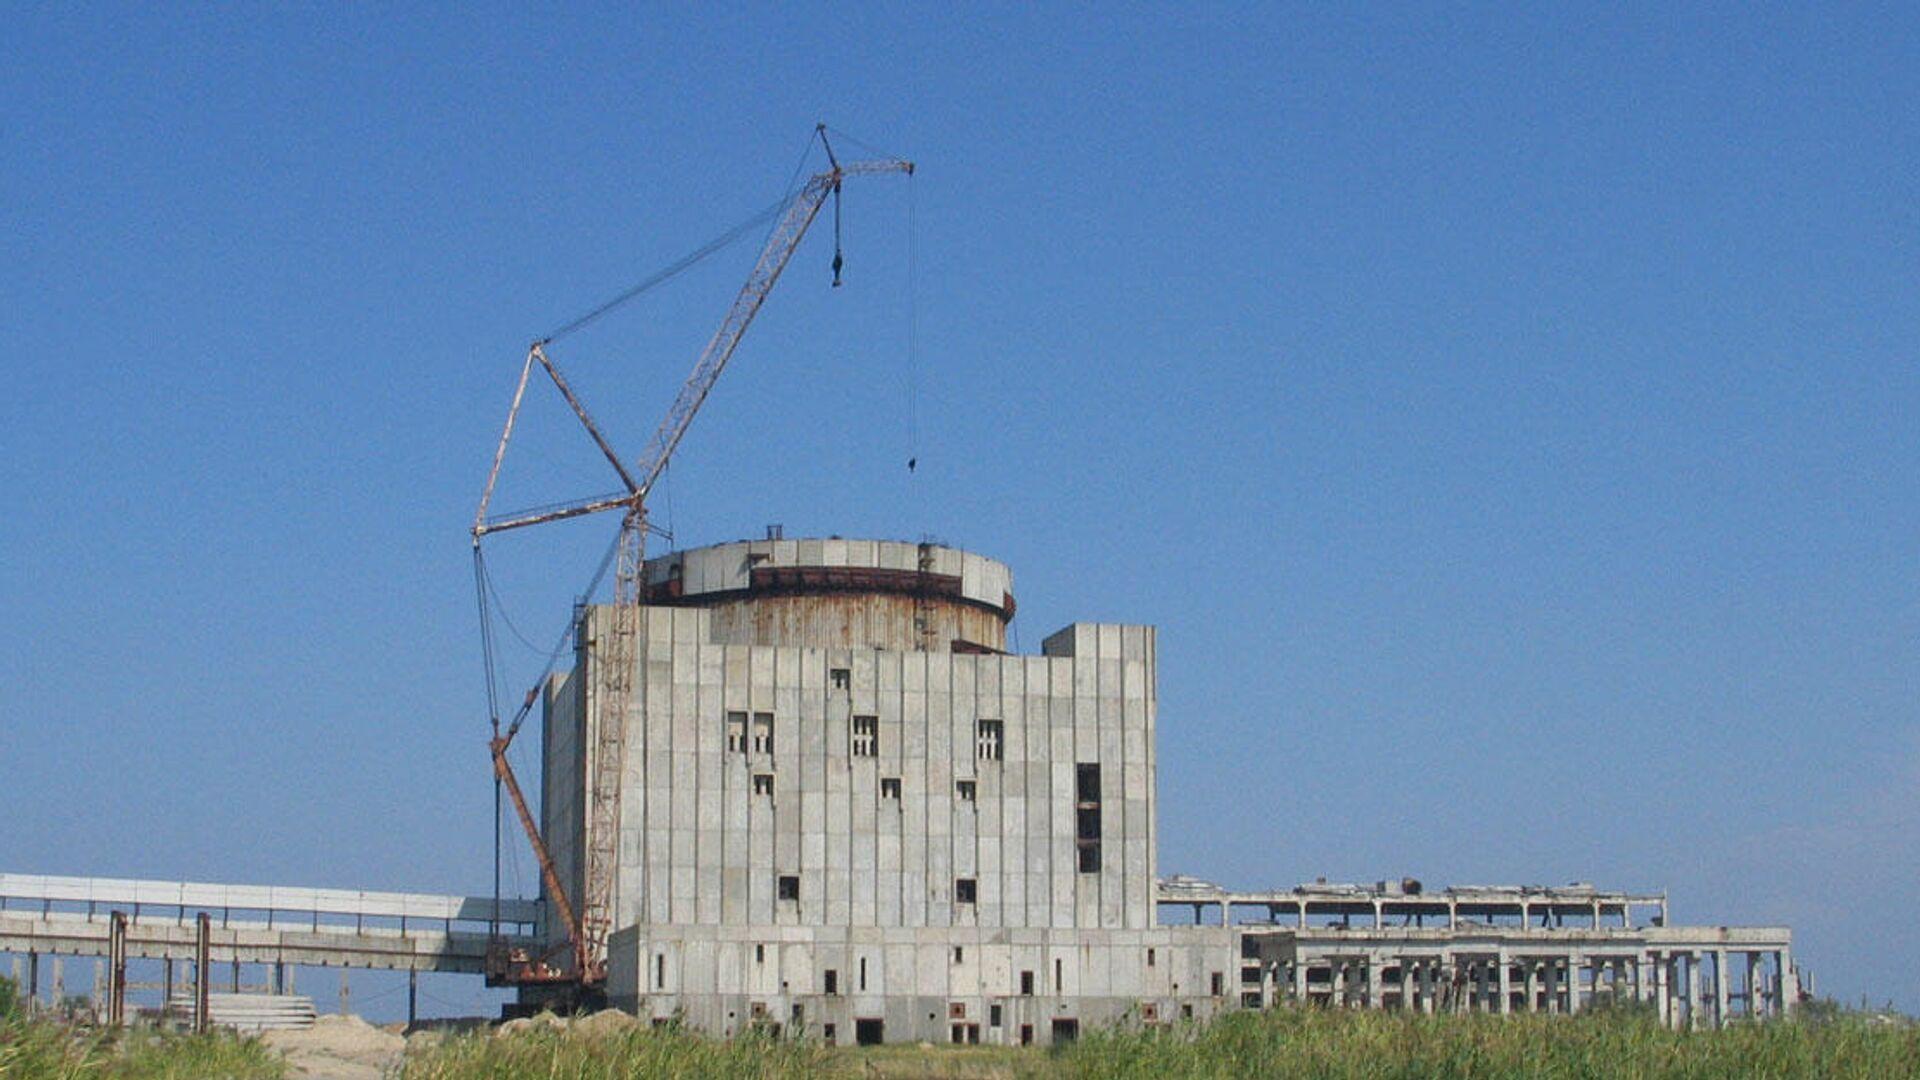 Крымская АЭС. 2008 год - РИА Новости, 1920, 08.02.2021